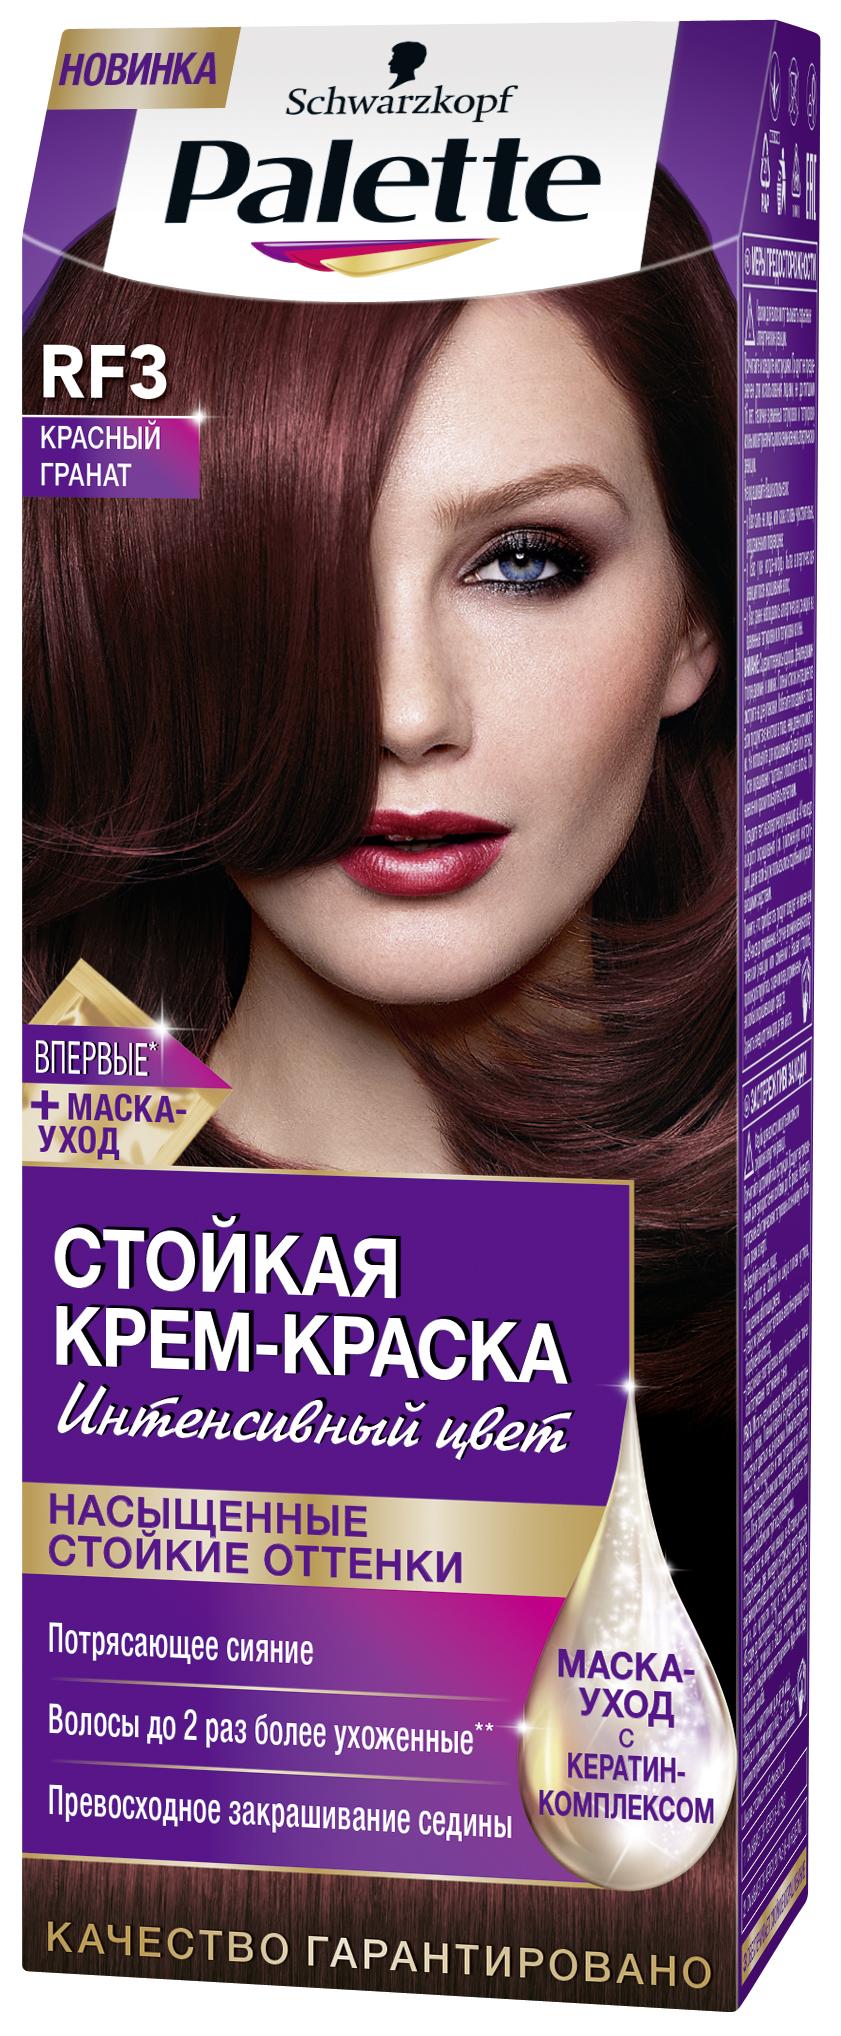 Palette Стойкая крем-краска RF3 Красный гранат 110 мл0935223015Знаменитая краска для волос Palette при использовании тщательно окрашивает волосы, стойко сохраняет цвет, имеет множество разнообразных оттенков на любой, самый взыскательный, вкус.